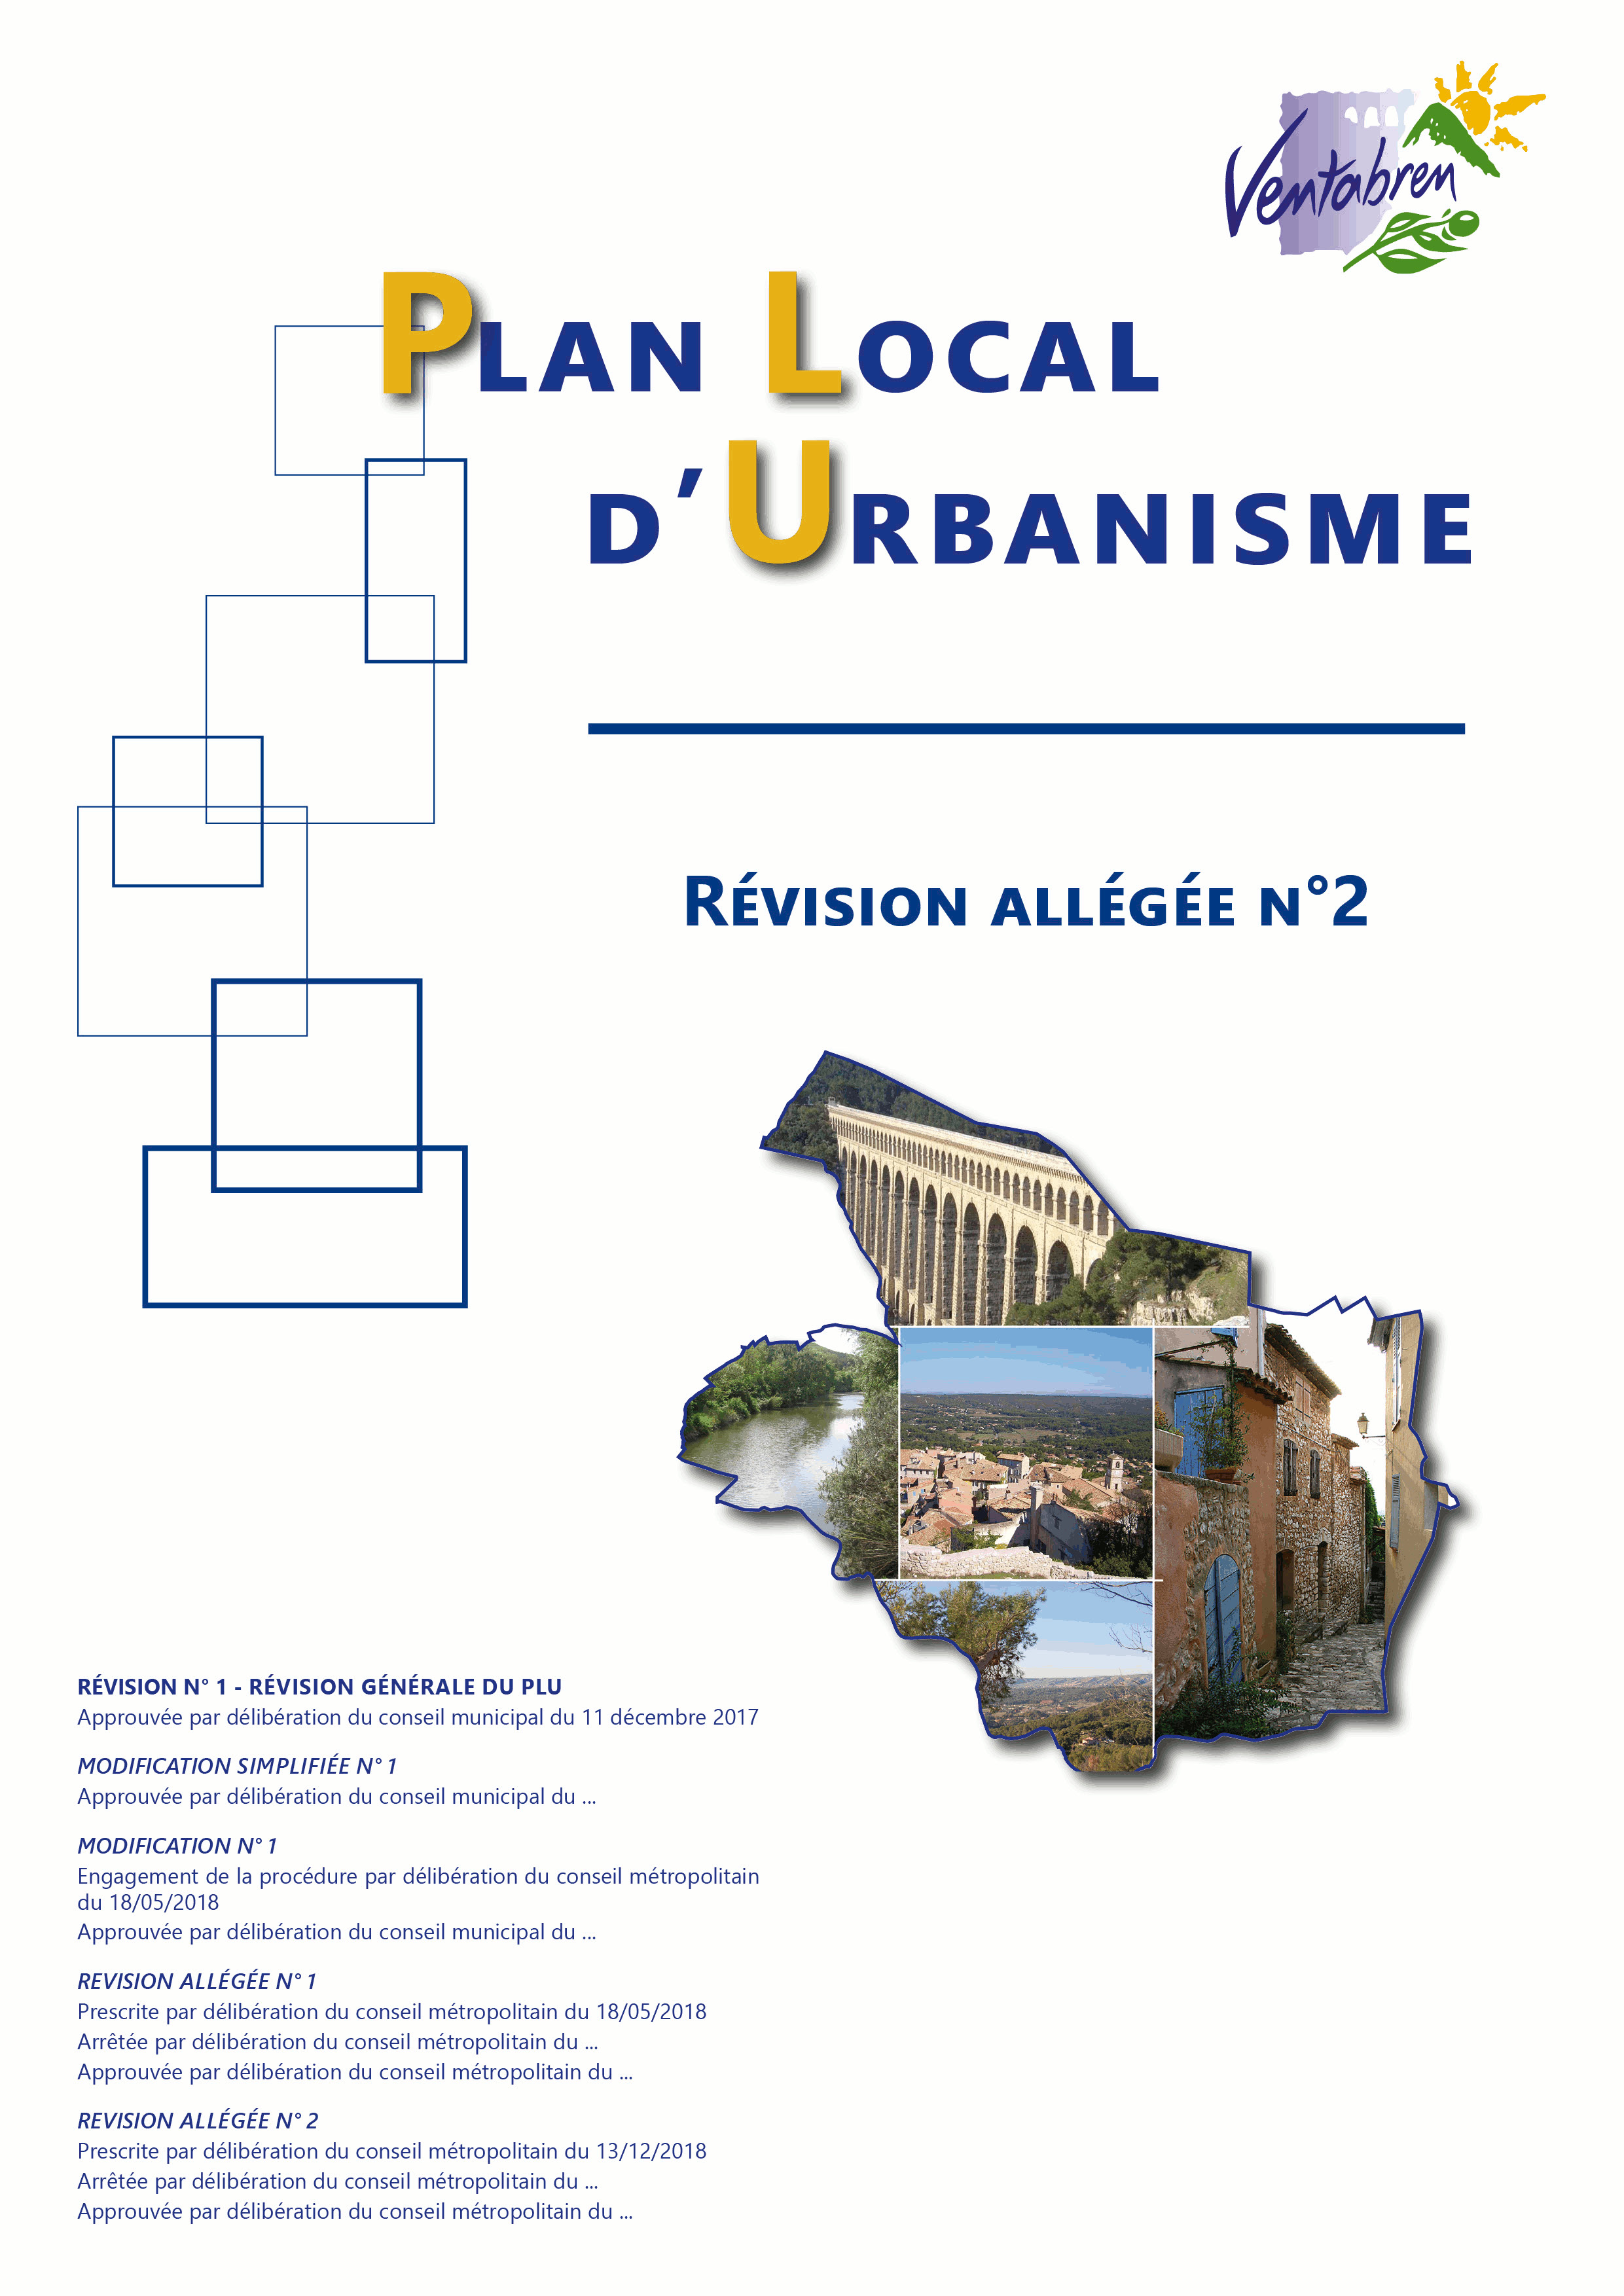 Révision allégée N°2 du Plan Local d'Urbanisme de la commune de Ventabren